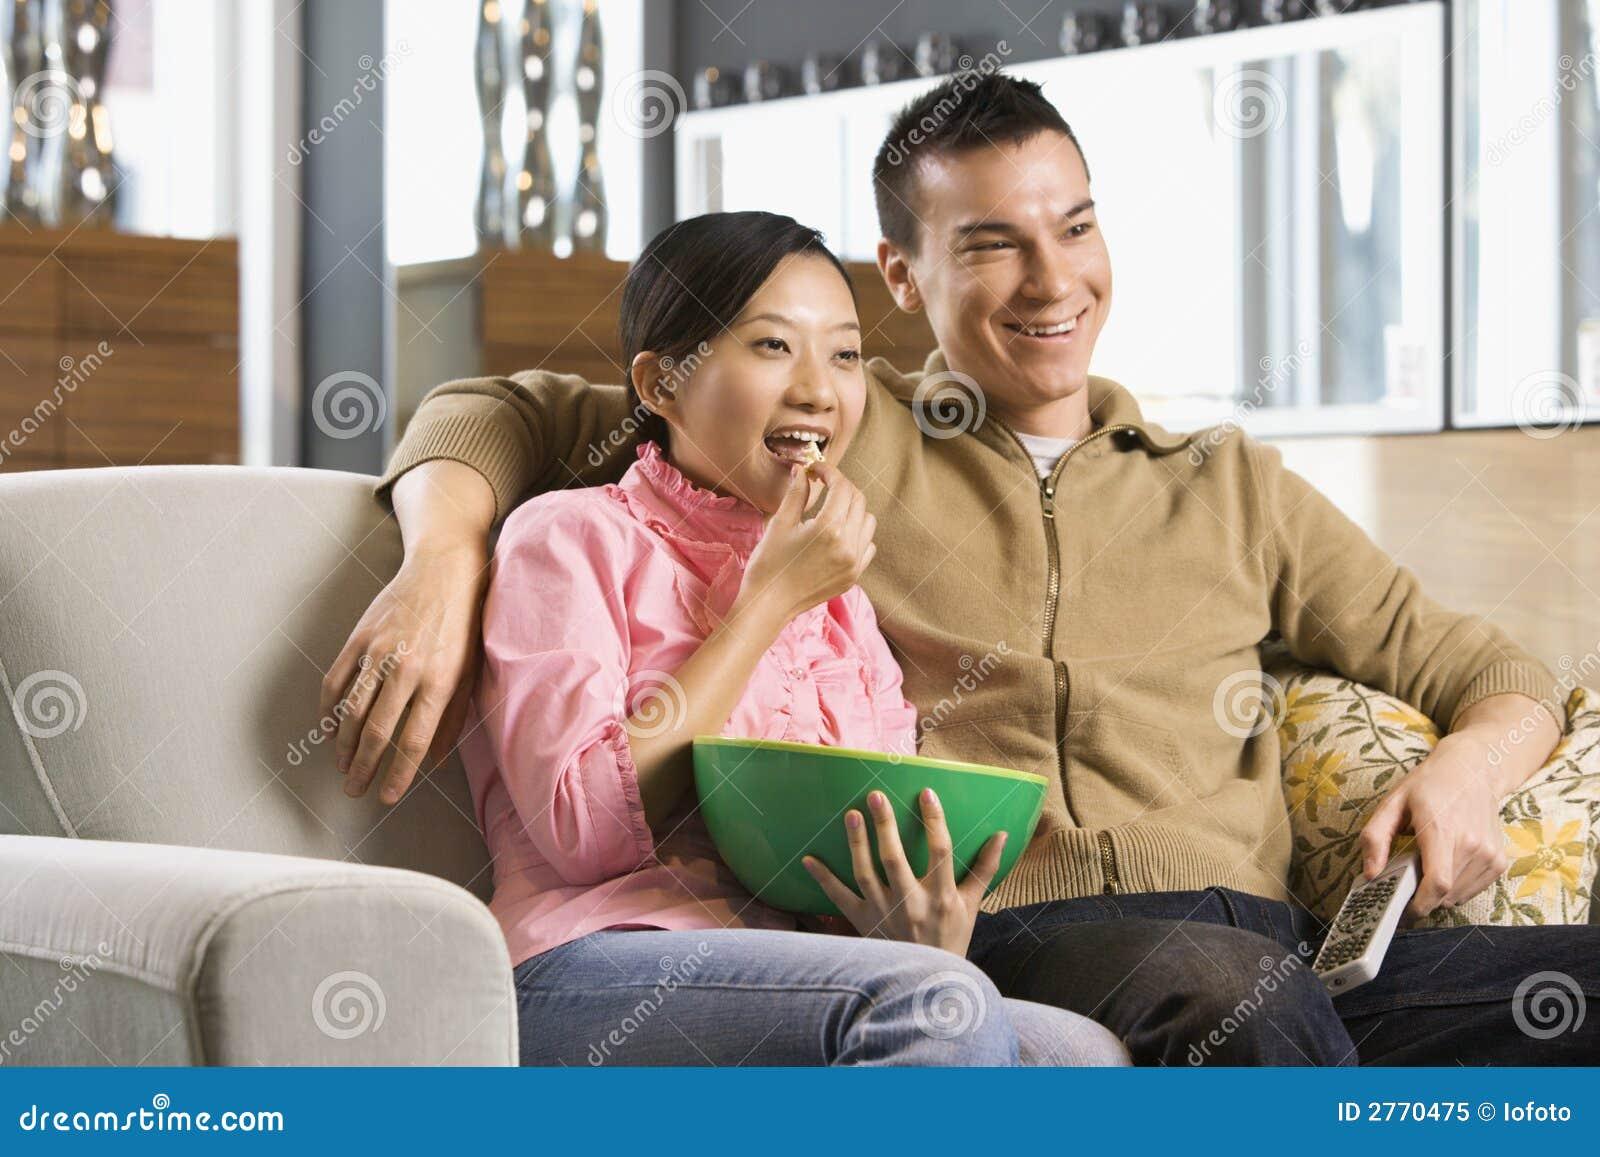 Coppie che guardano TV.